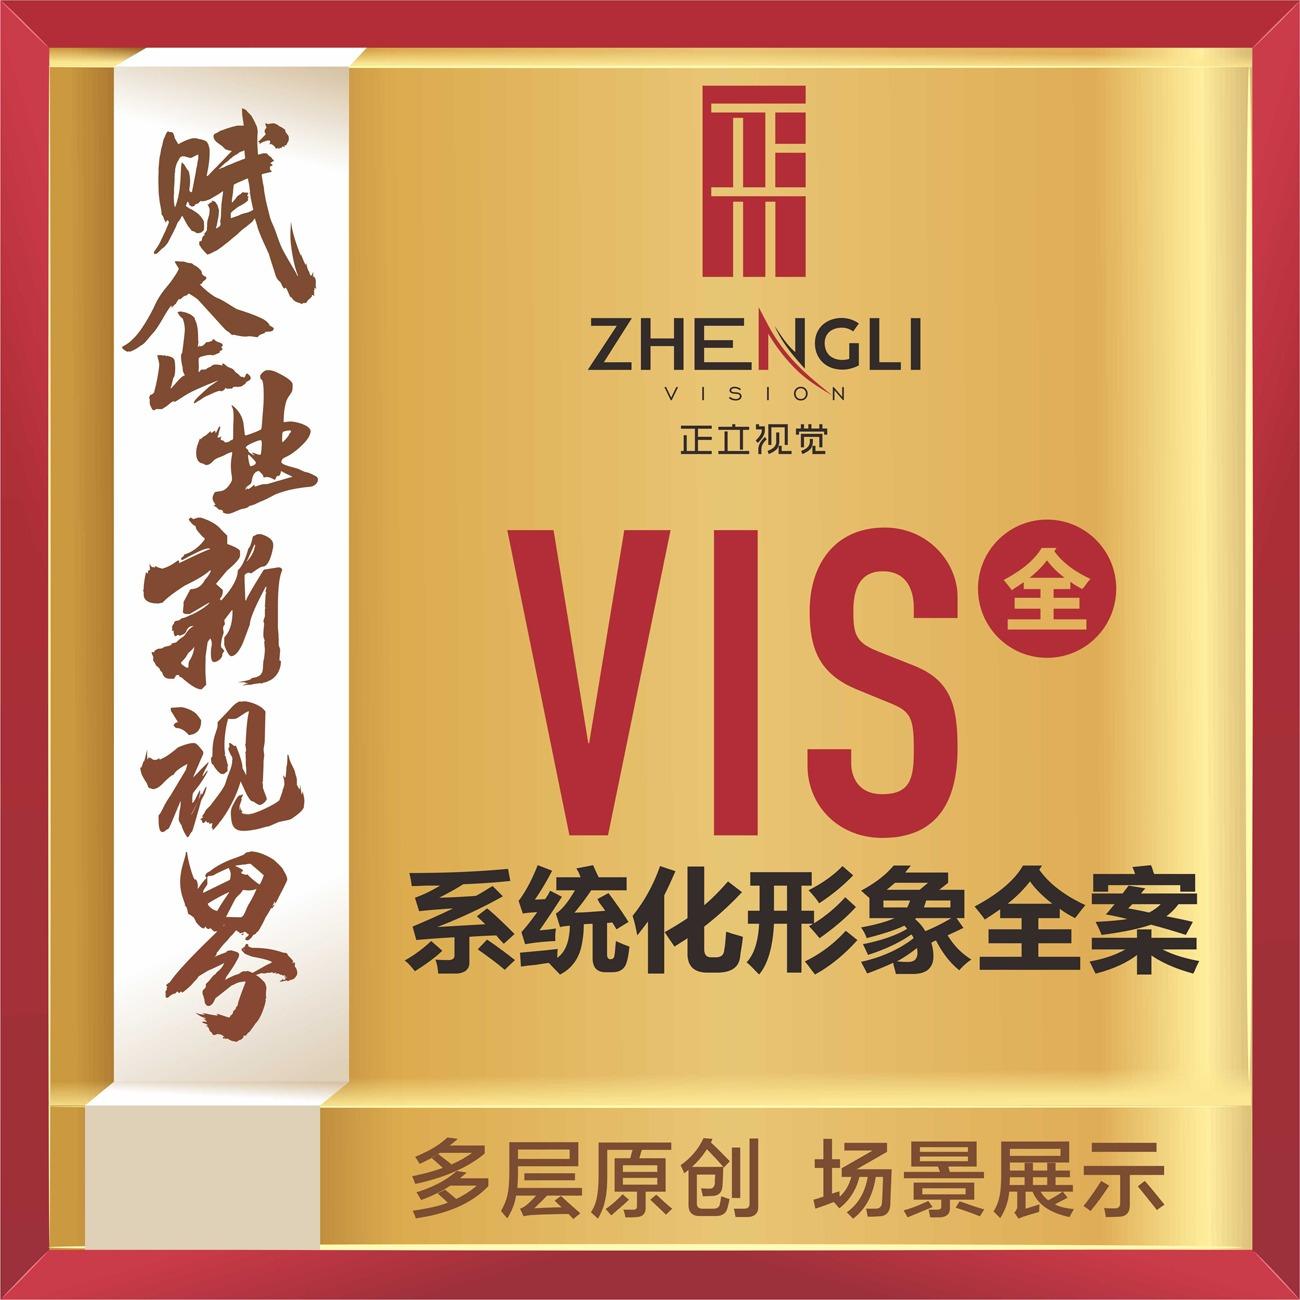 正立品牌形象vi设计视觉系统办公系统高端vi视觉设计系统设计